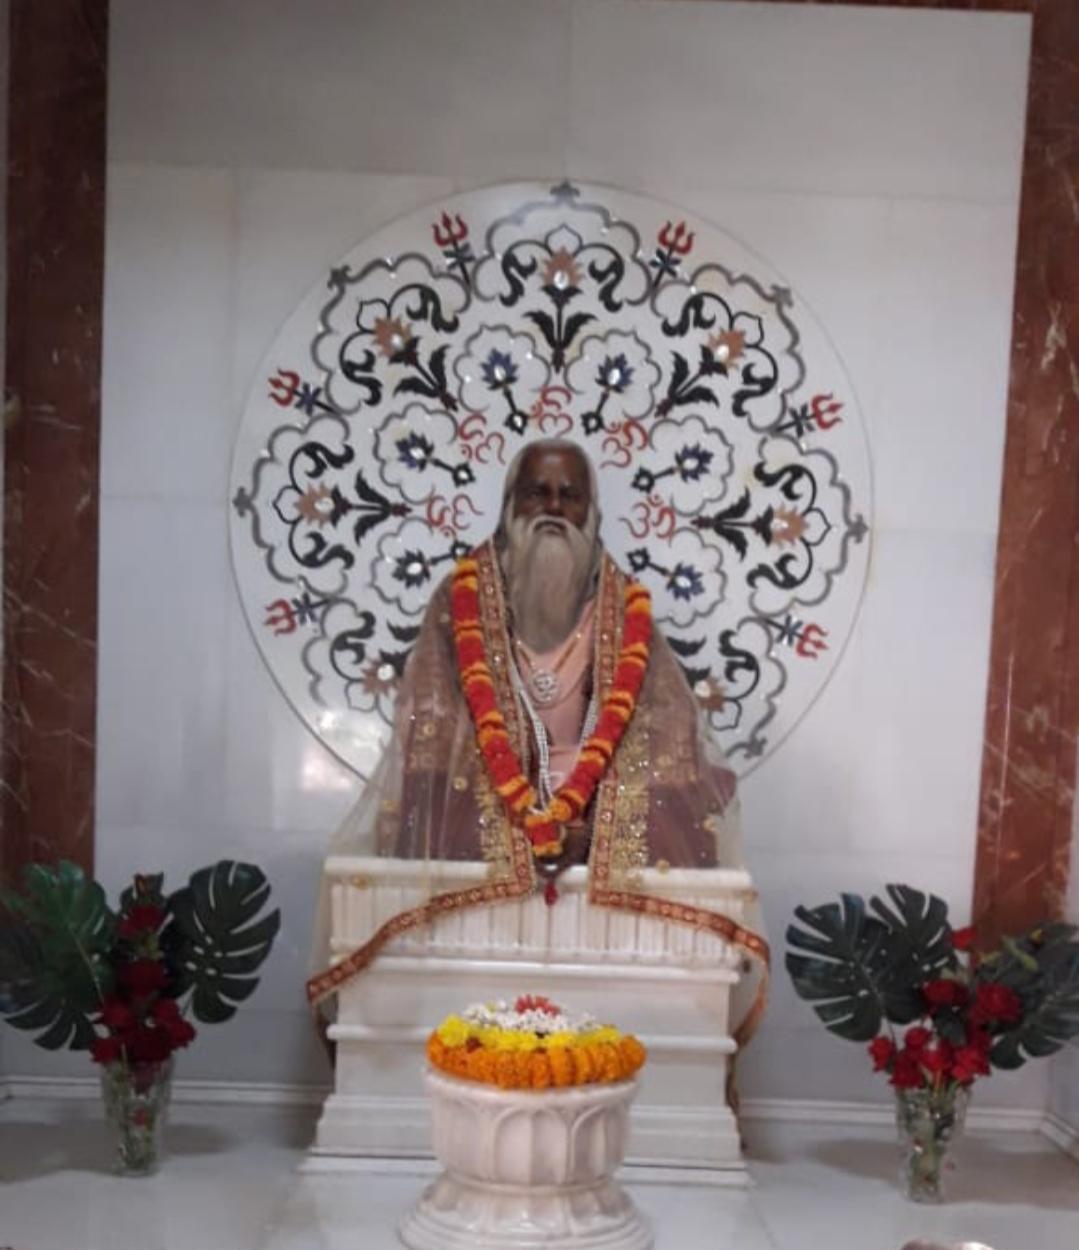 Adarsh Maharashtra | सोमवारी स्वामी गगनगिरी महाराज पुण्यतिथी उत्सव!